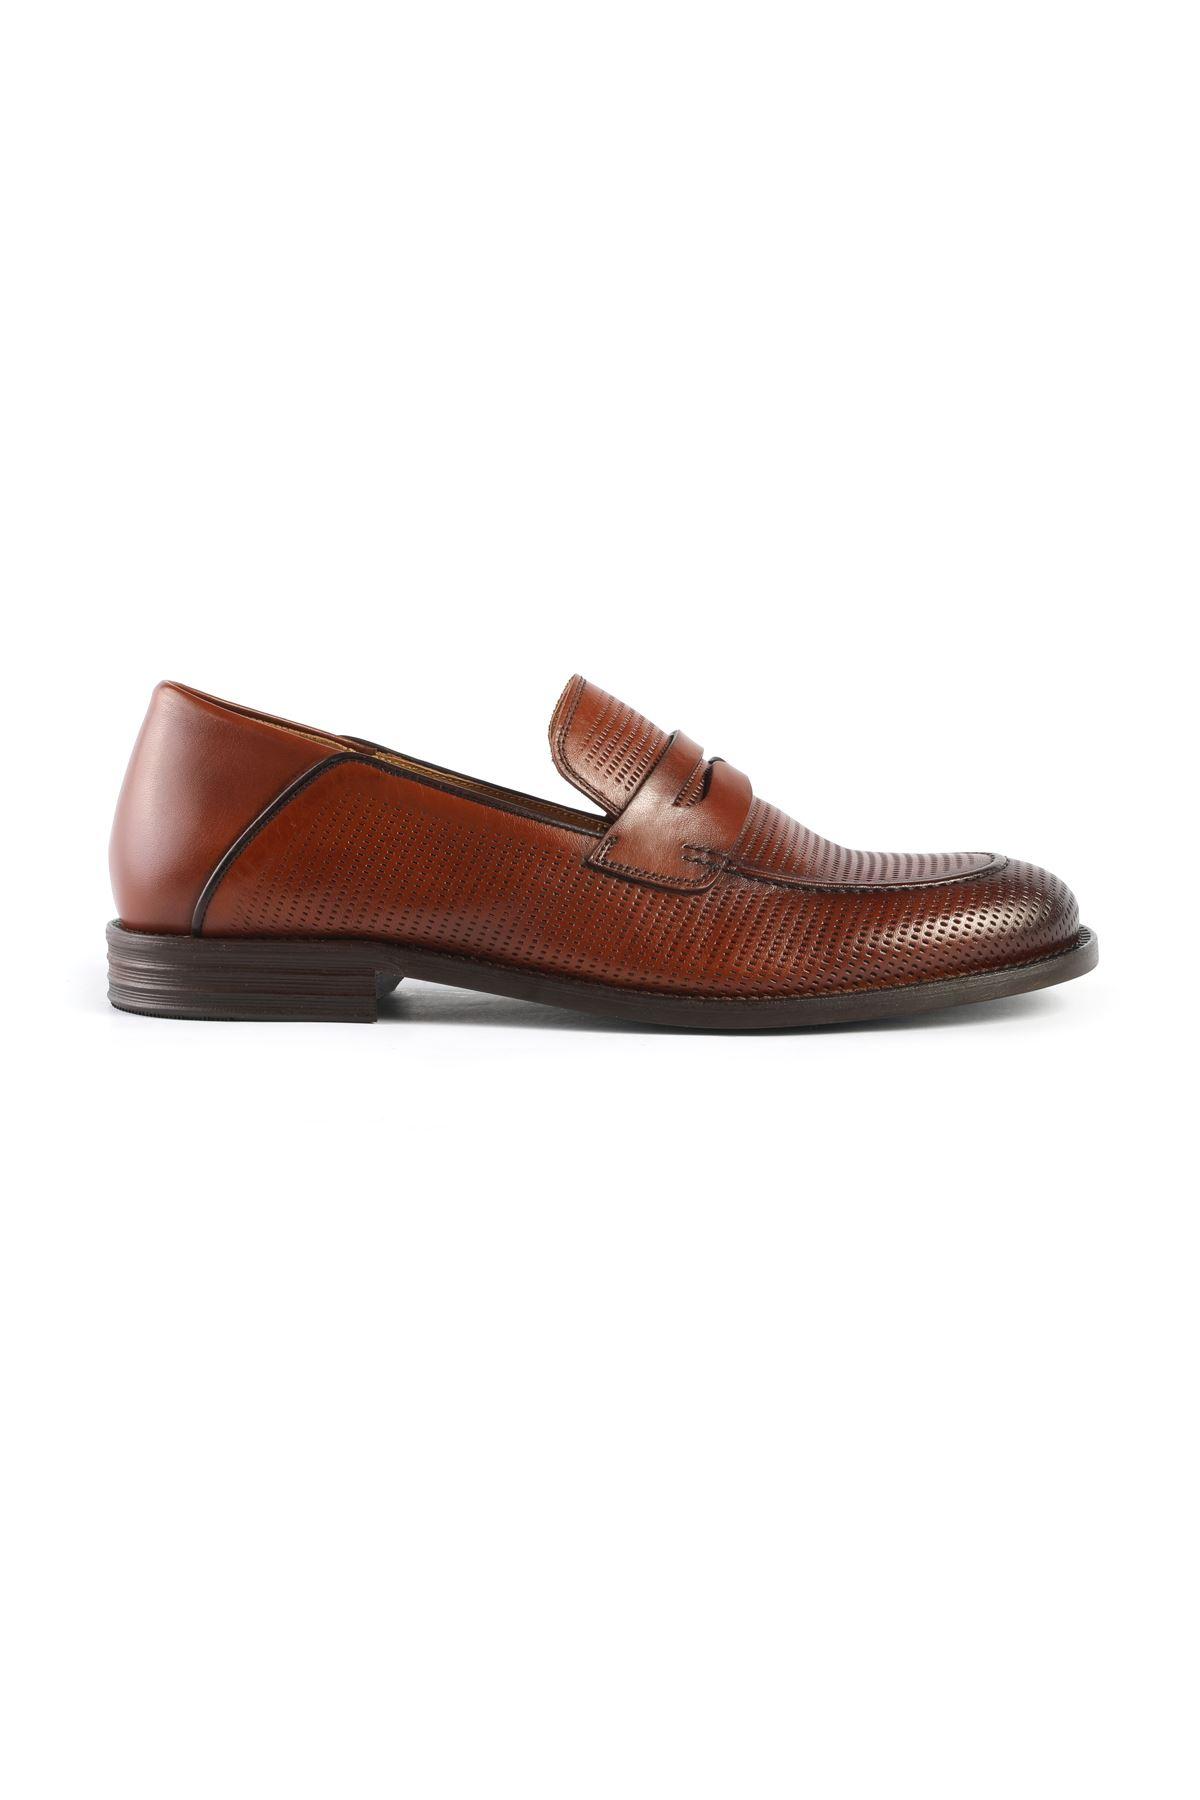 Libero L3211 Tan Classic Shoes